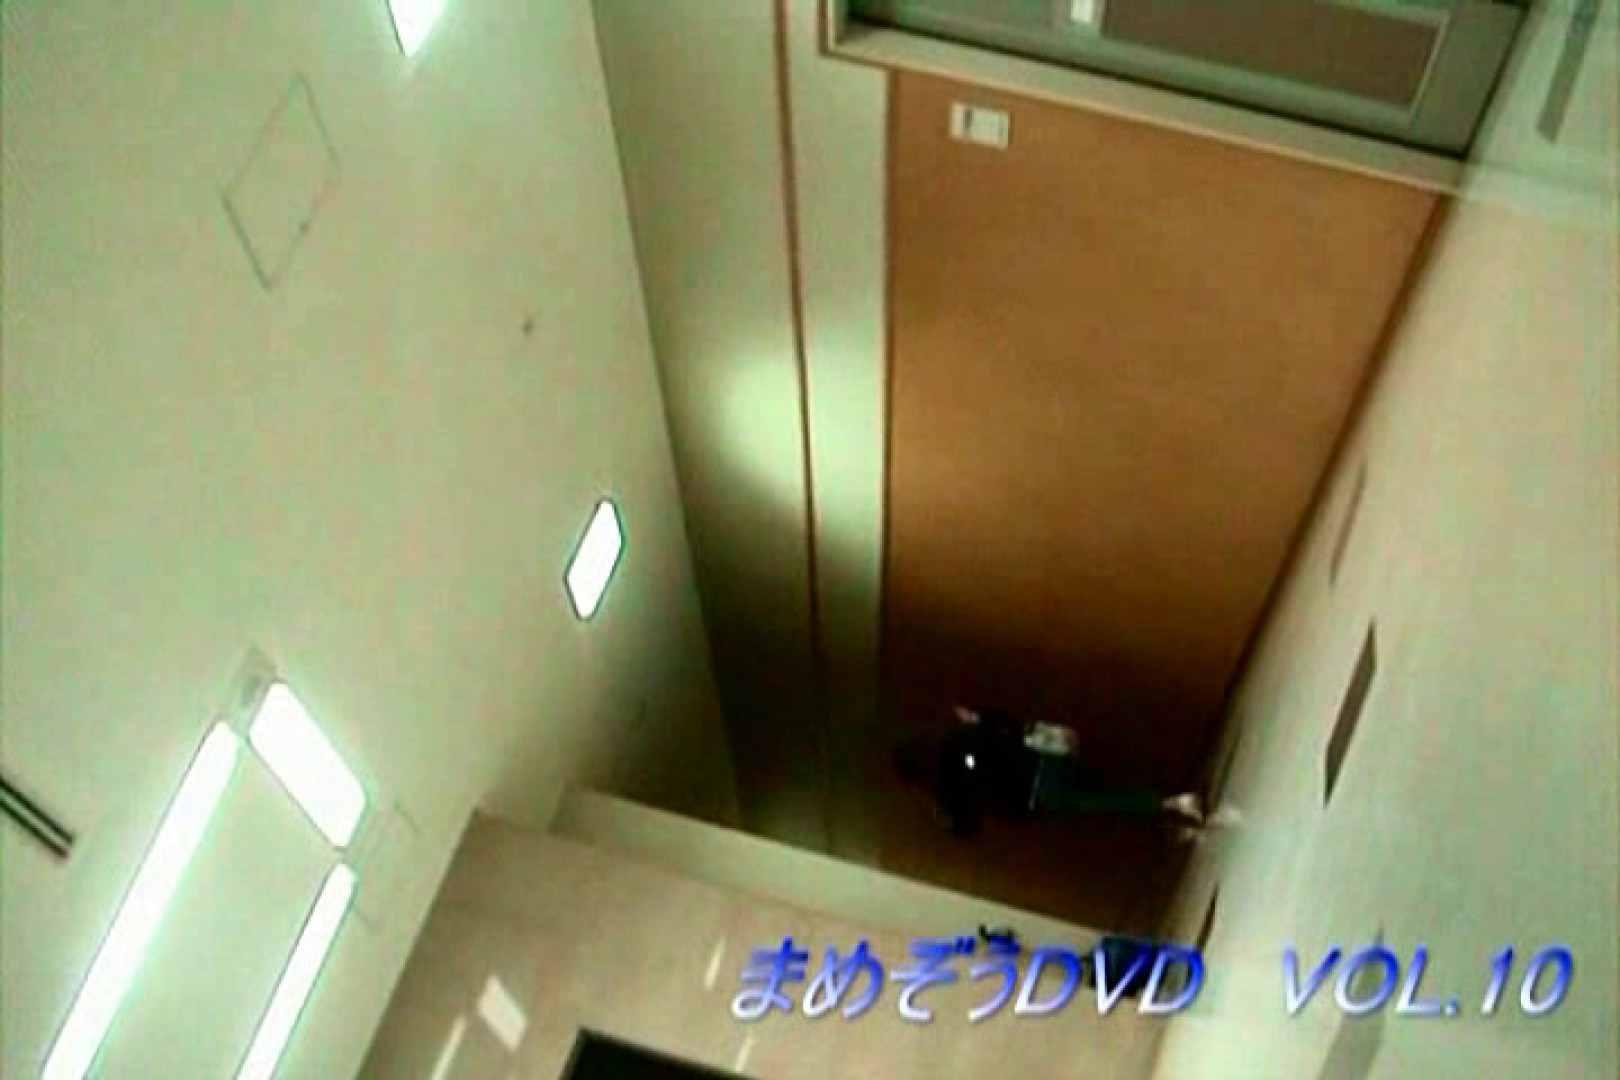 まめぞうDVD完全版VOL.10 ギャル  54PIX 33